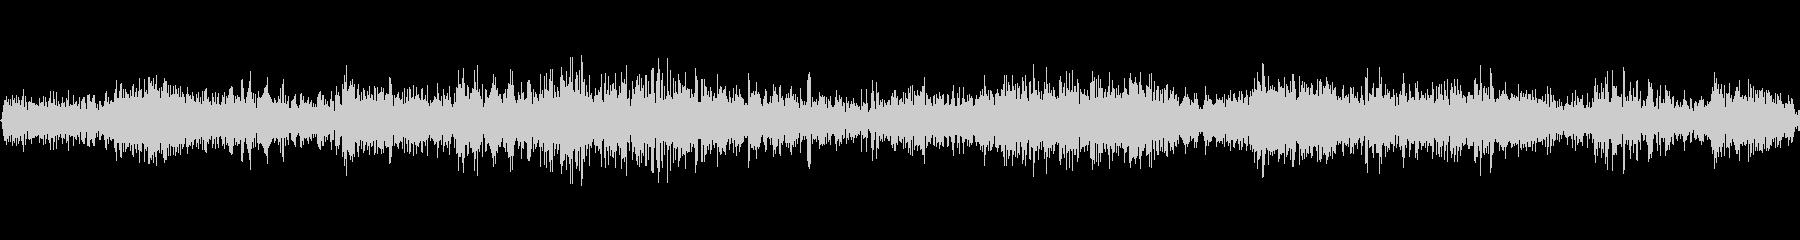 スロットリーチ_ループの未再生の波形